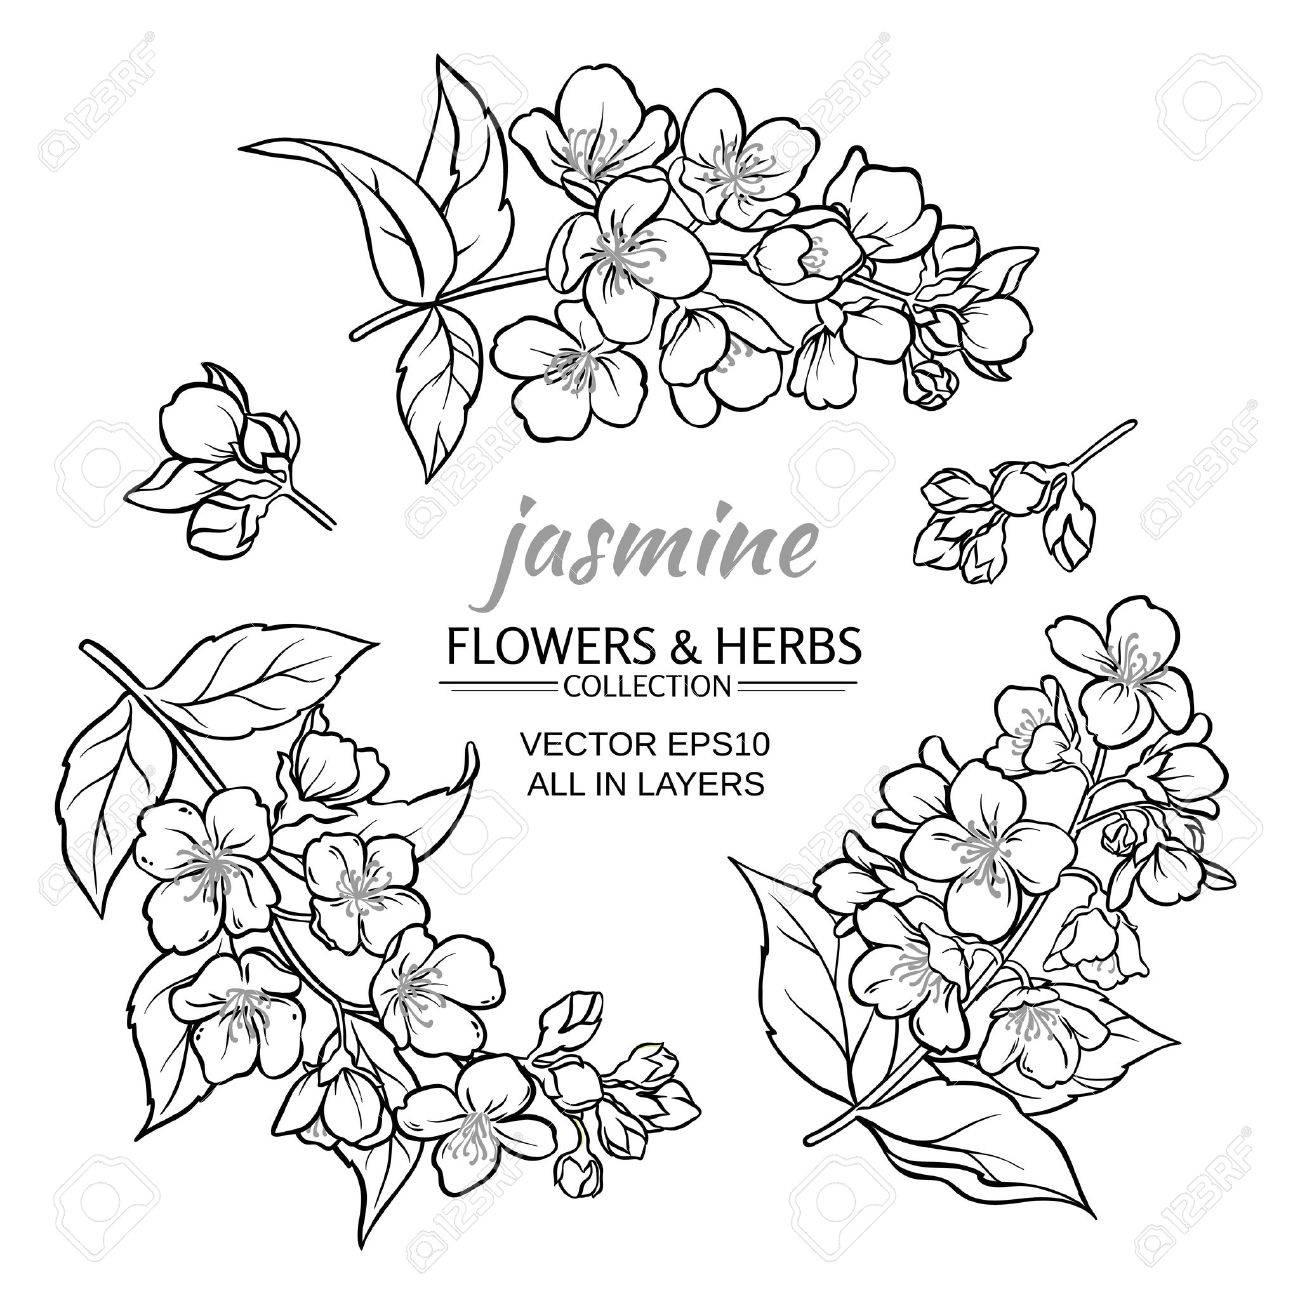 jasmine flowers set on white background - 62463857